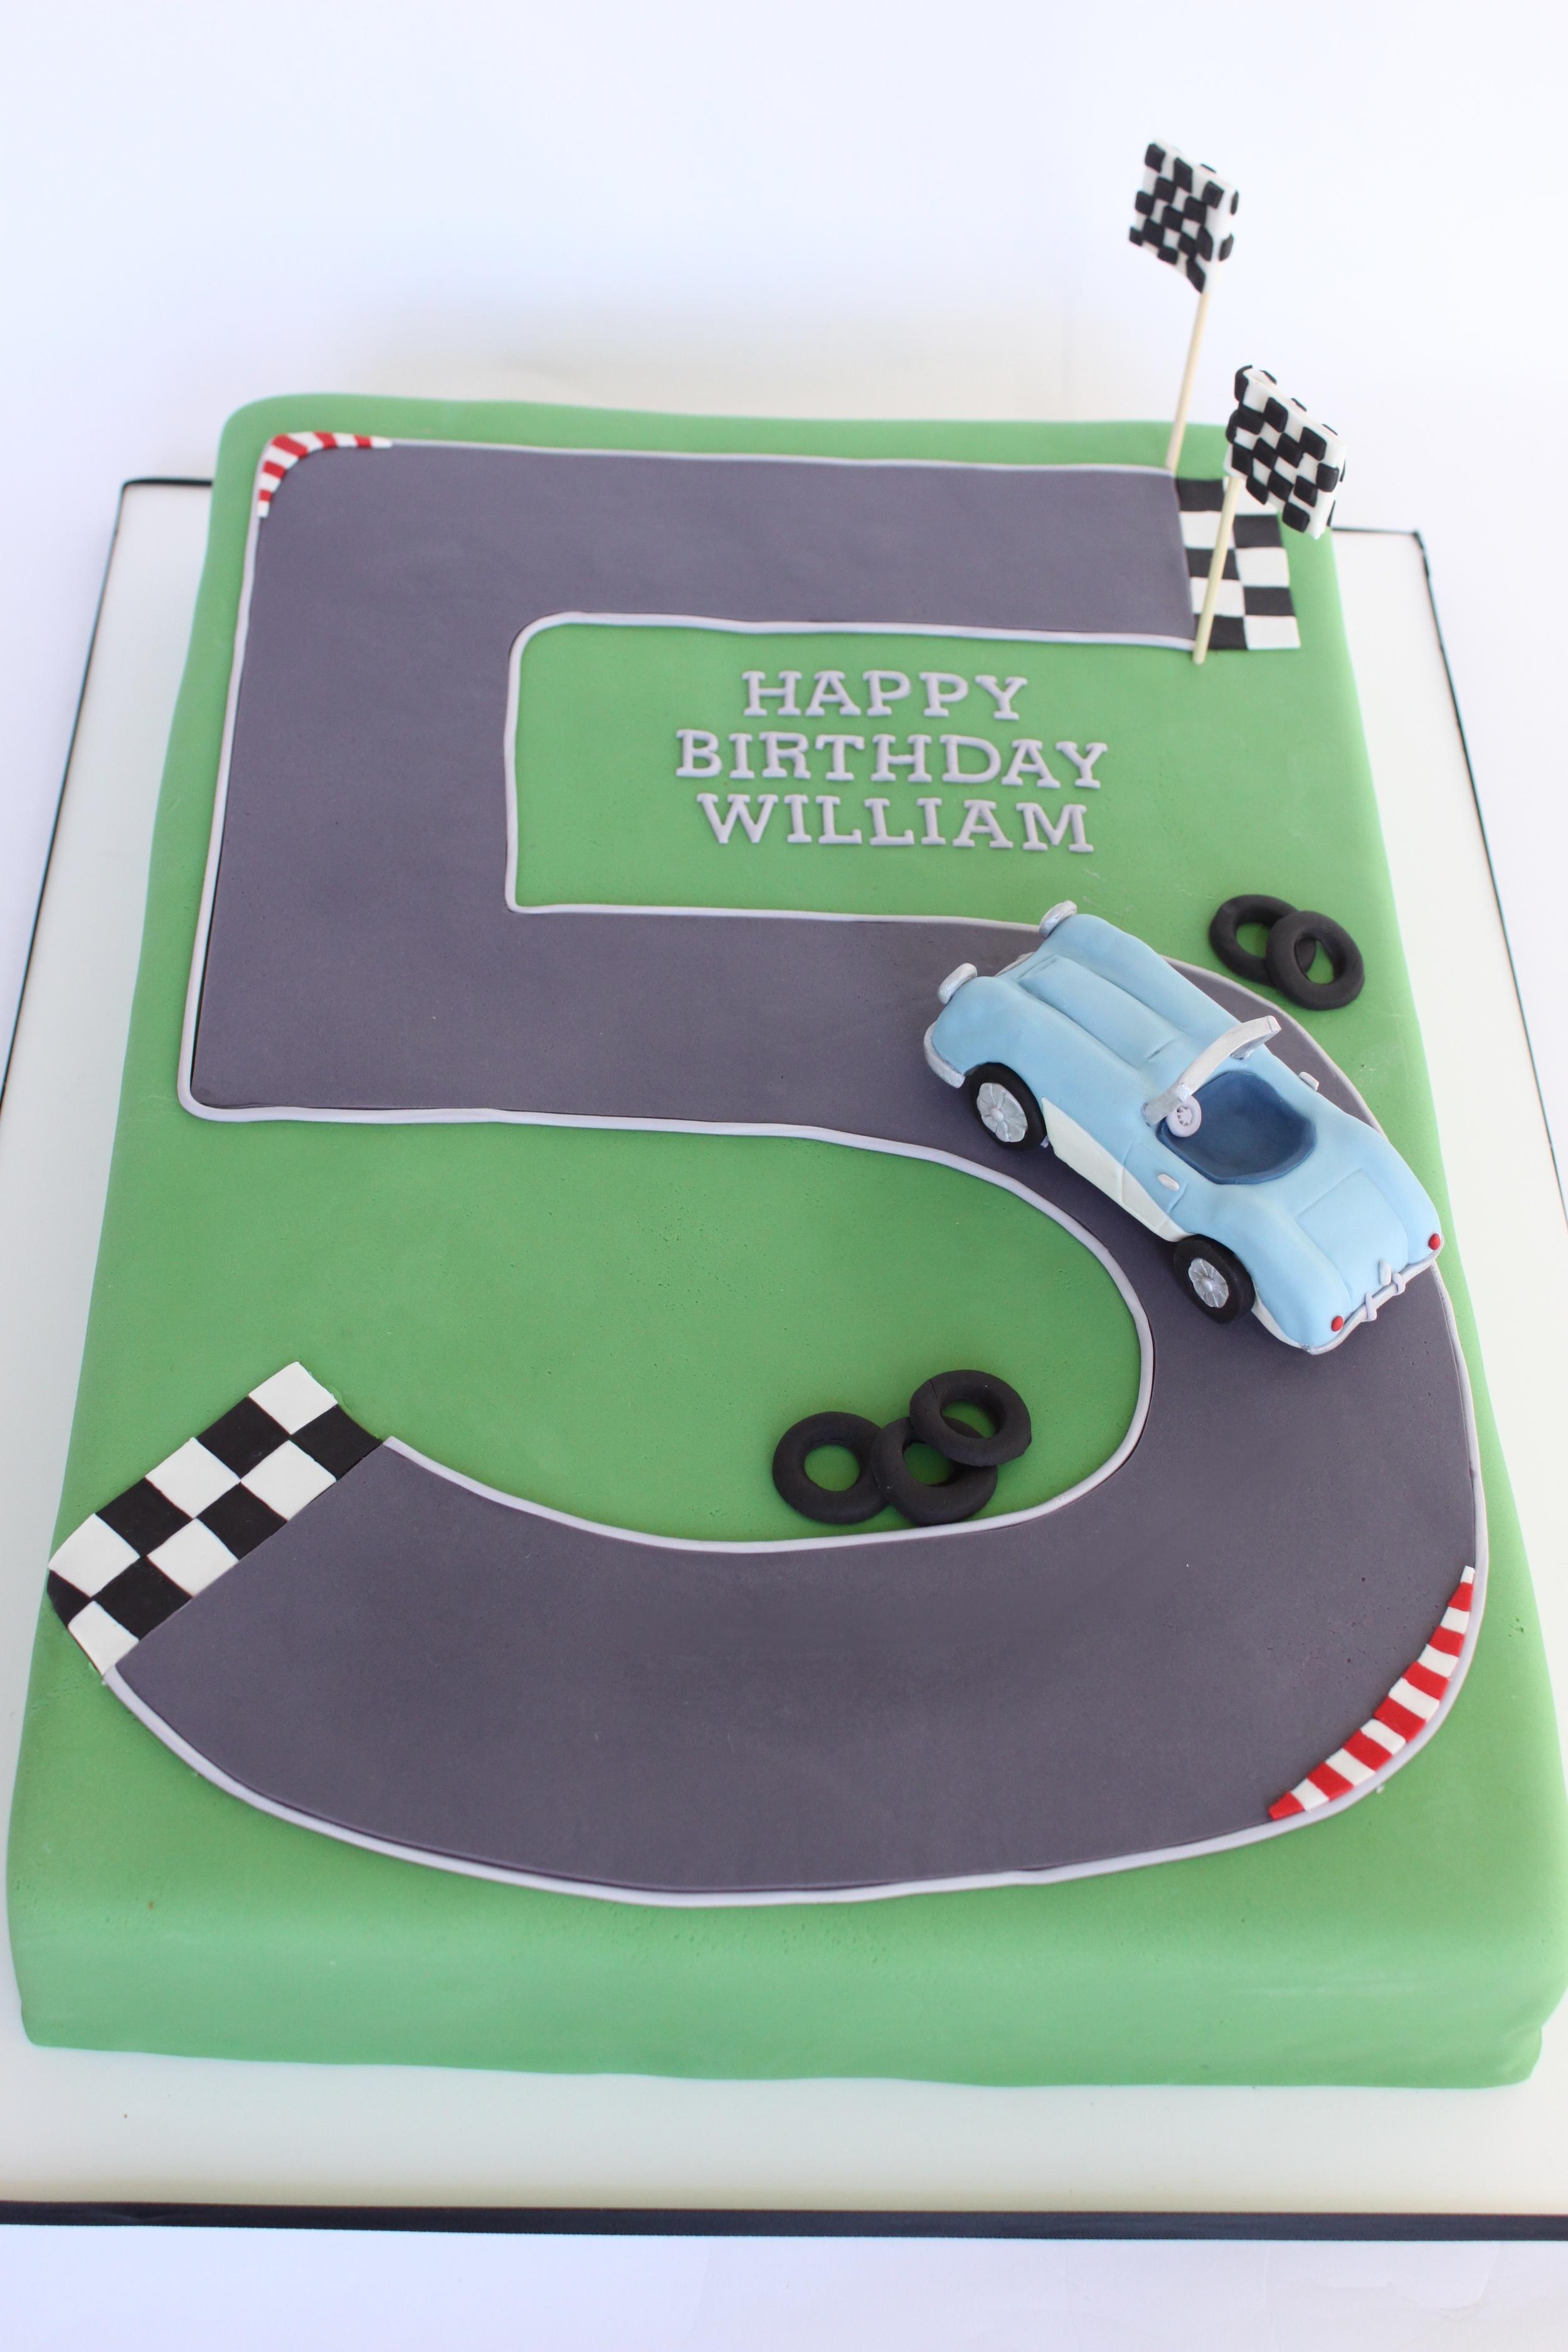 Austin Healey Birthday cake 7738.jpg